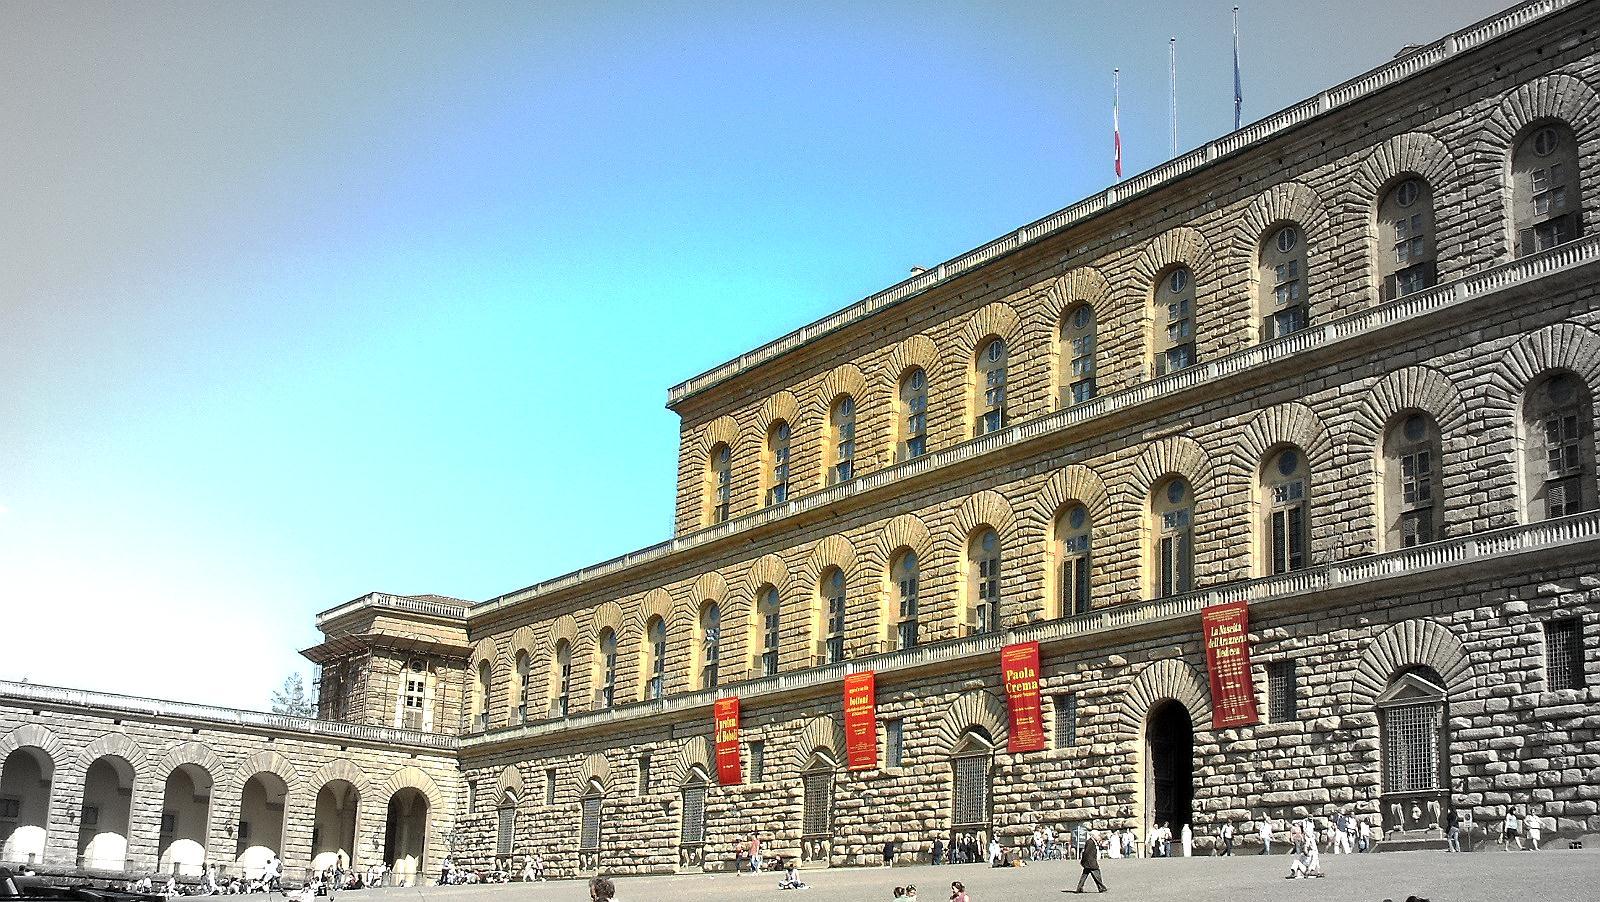 Itinerari valdirose il complesso di palazzo pitti firenze for Palazzo pitti orari